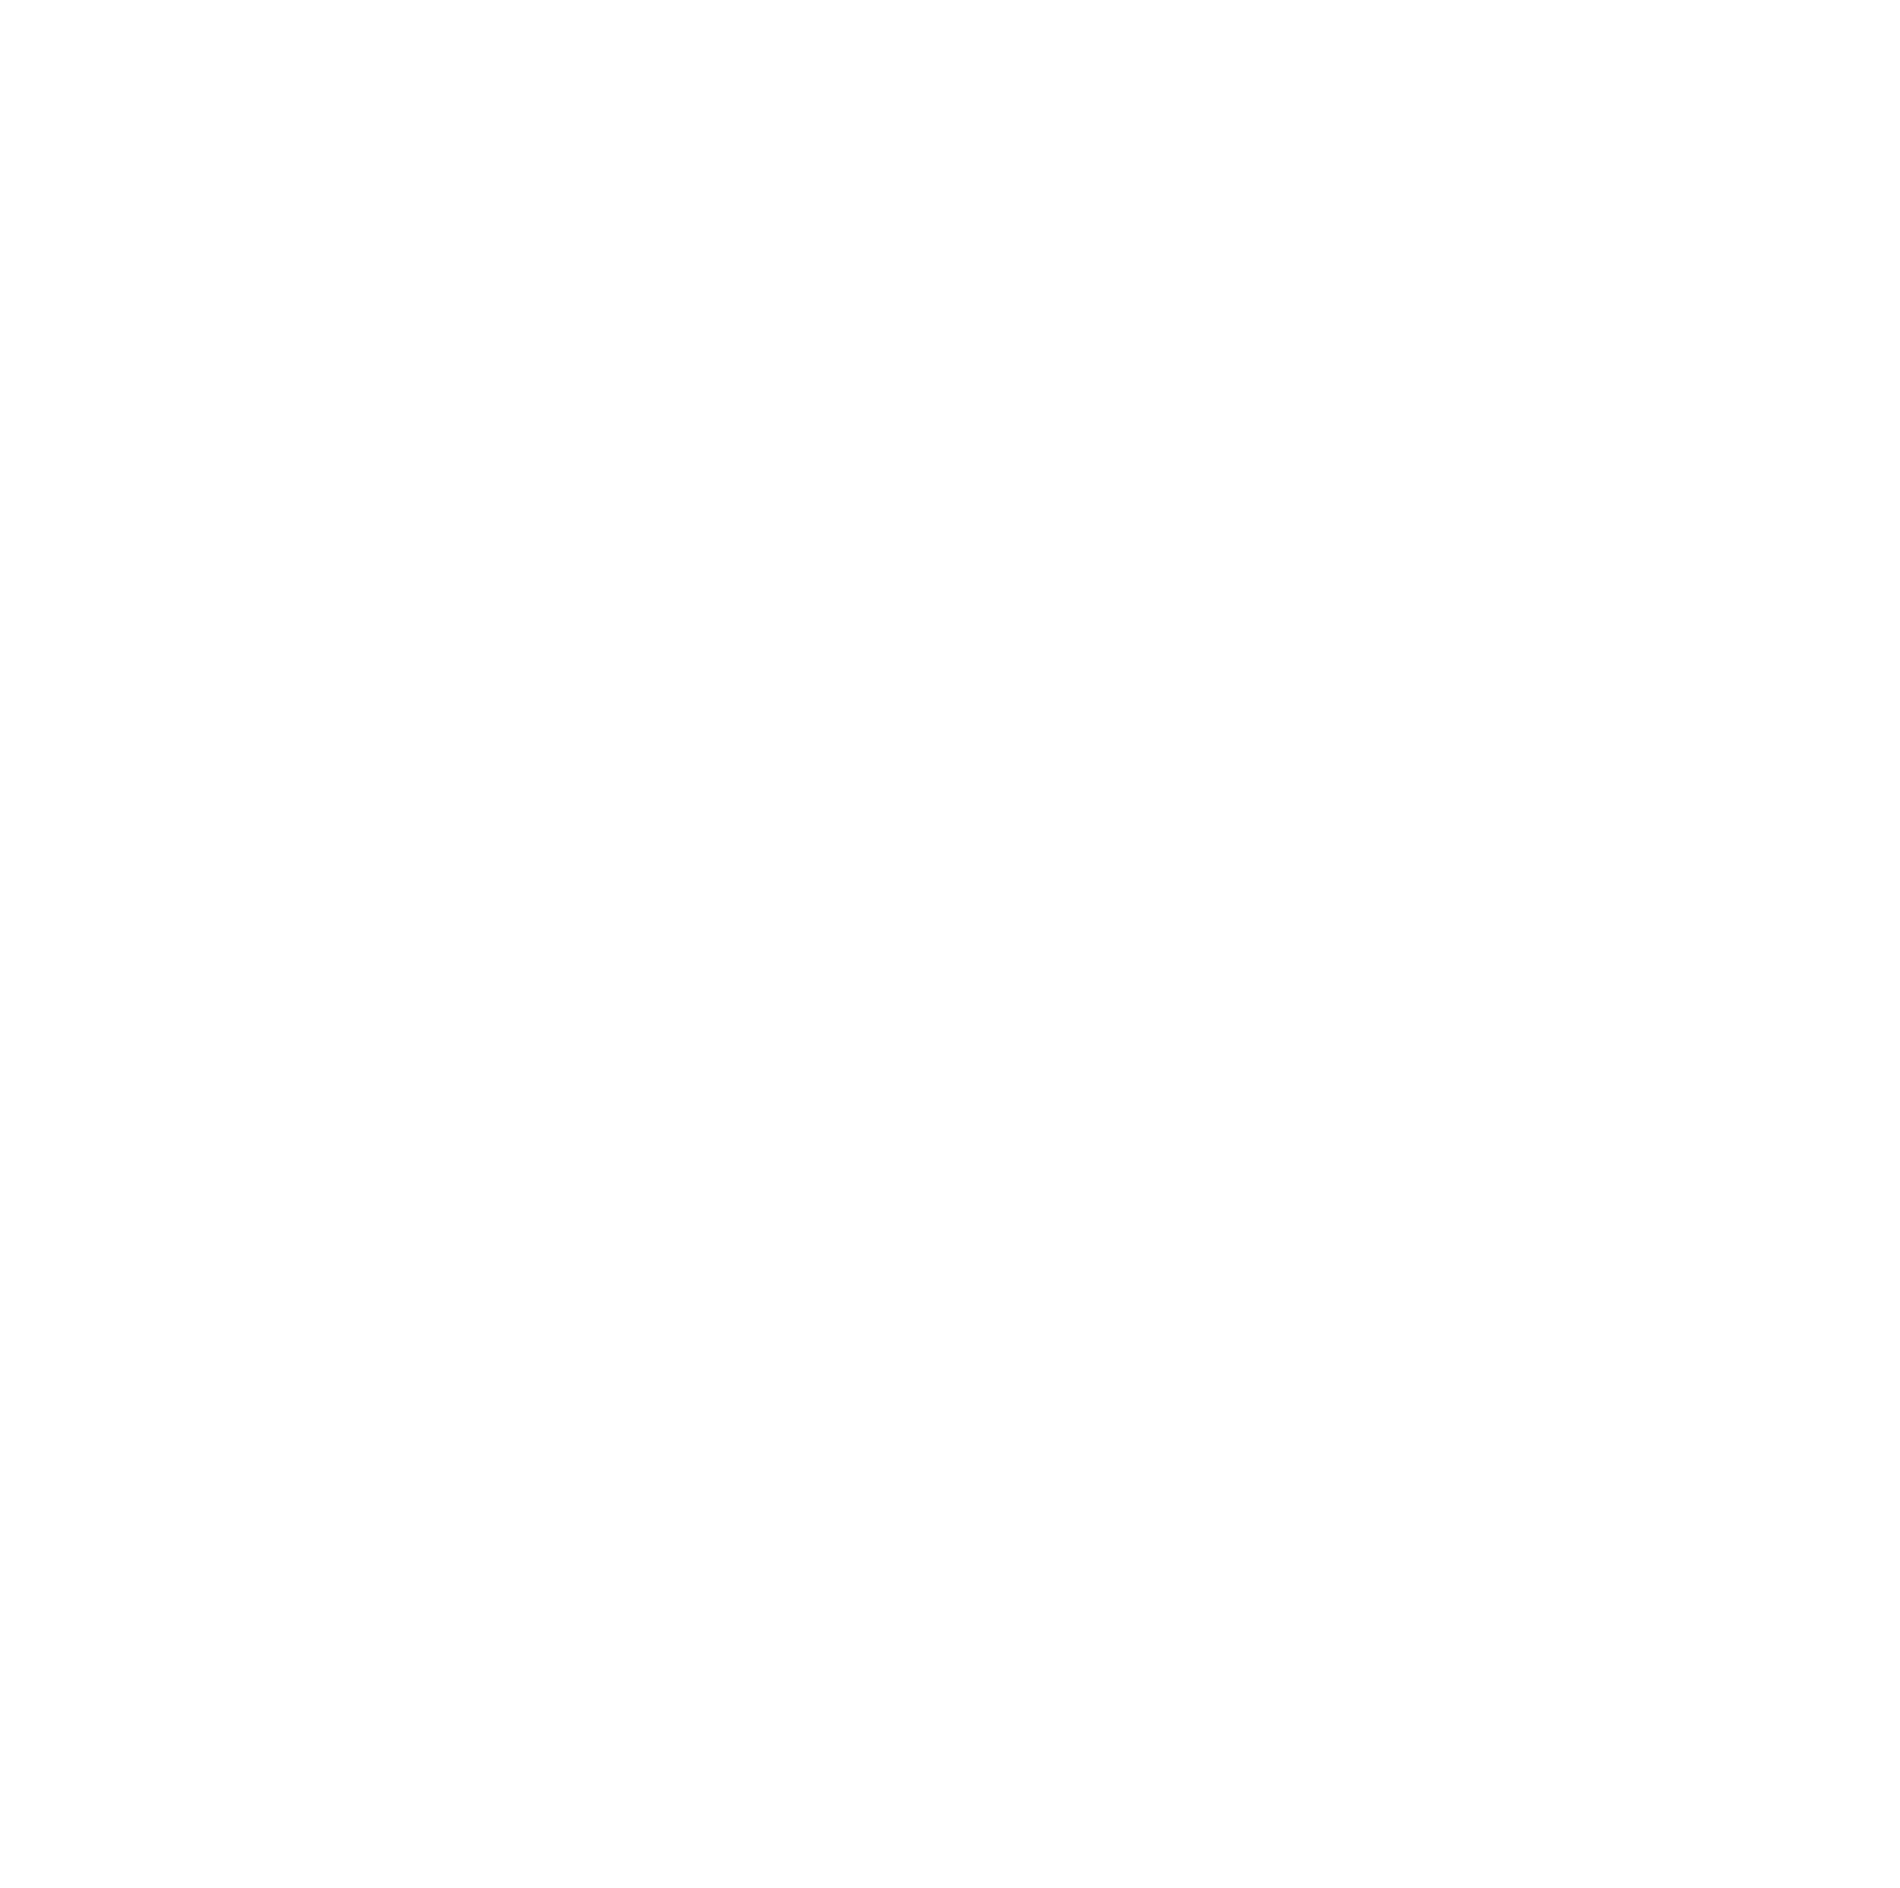 Kosovo Architecture Foundation